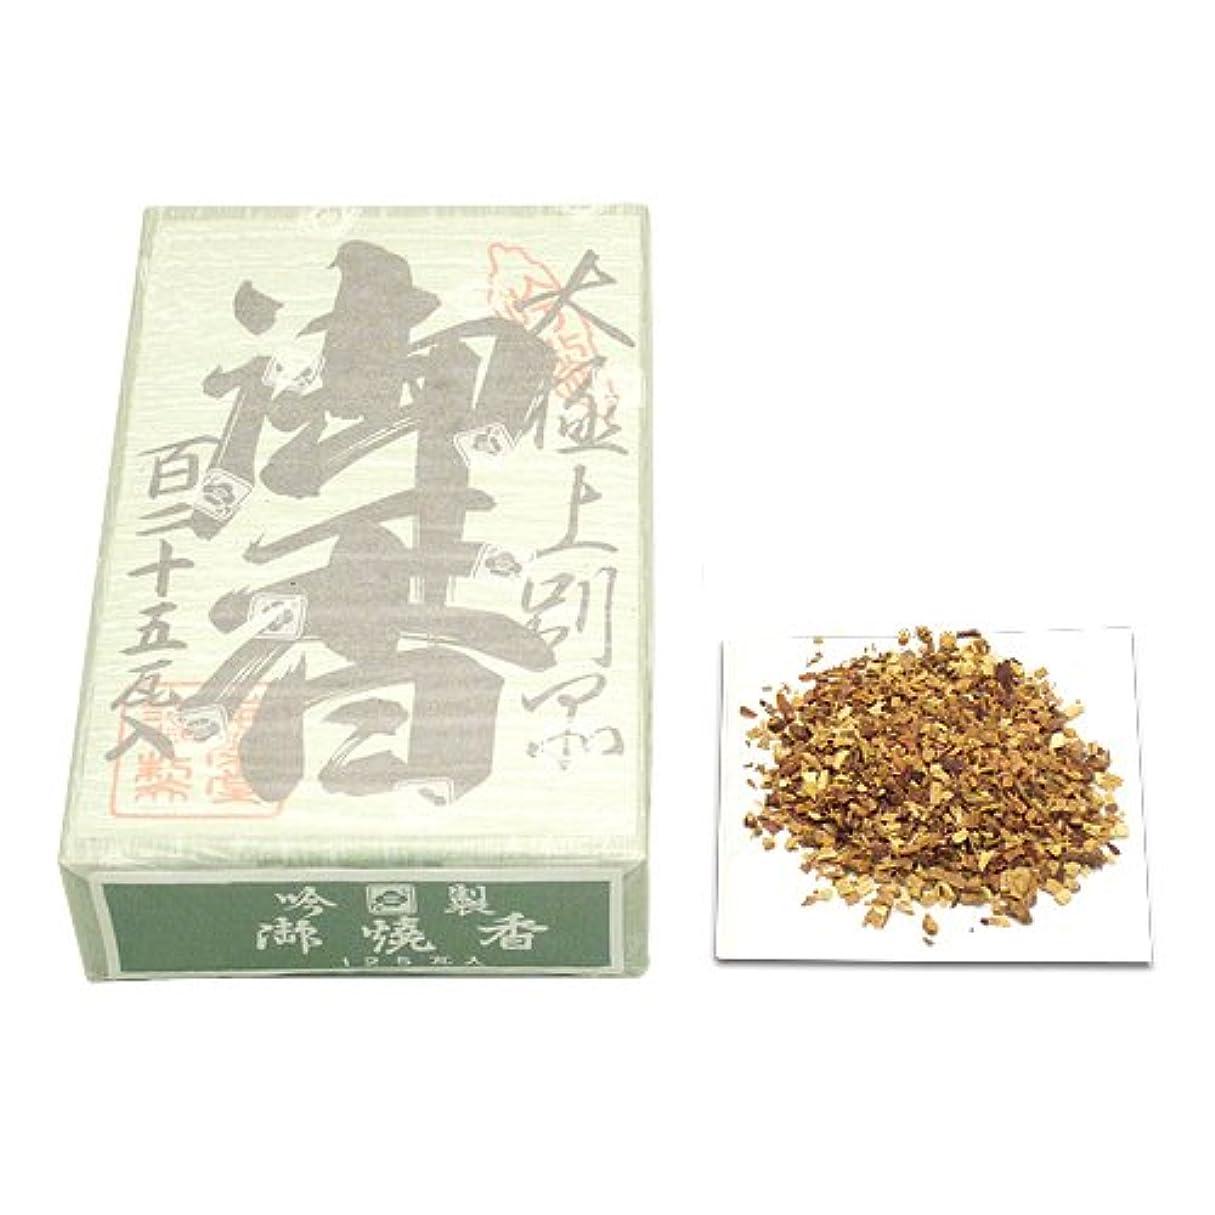 適合する故障仕事焼香用御香 超徳印 125g◆お焼香用の御香